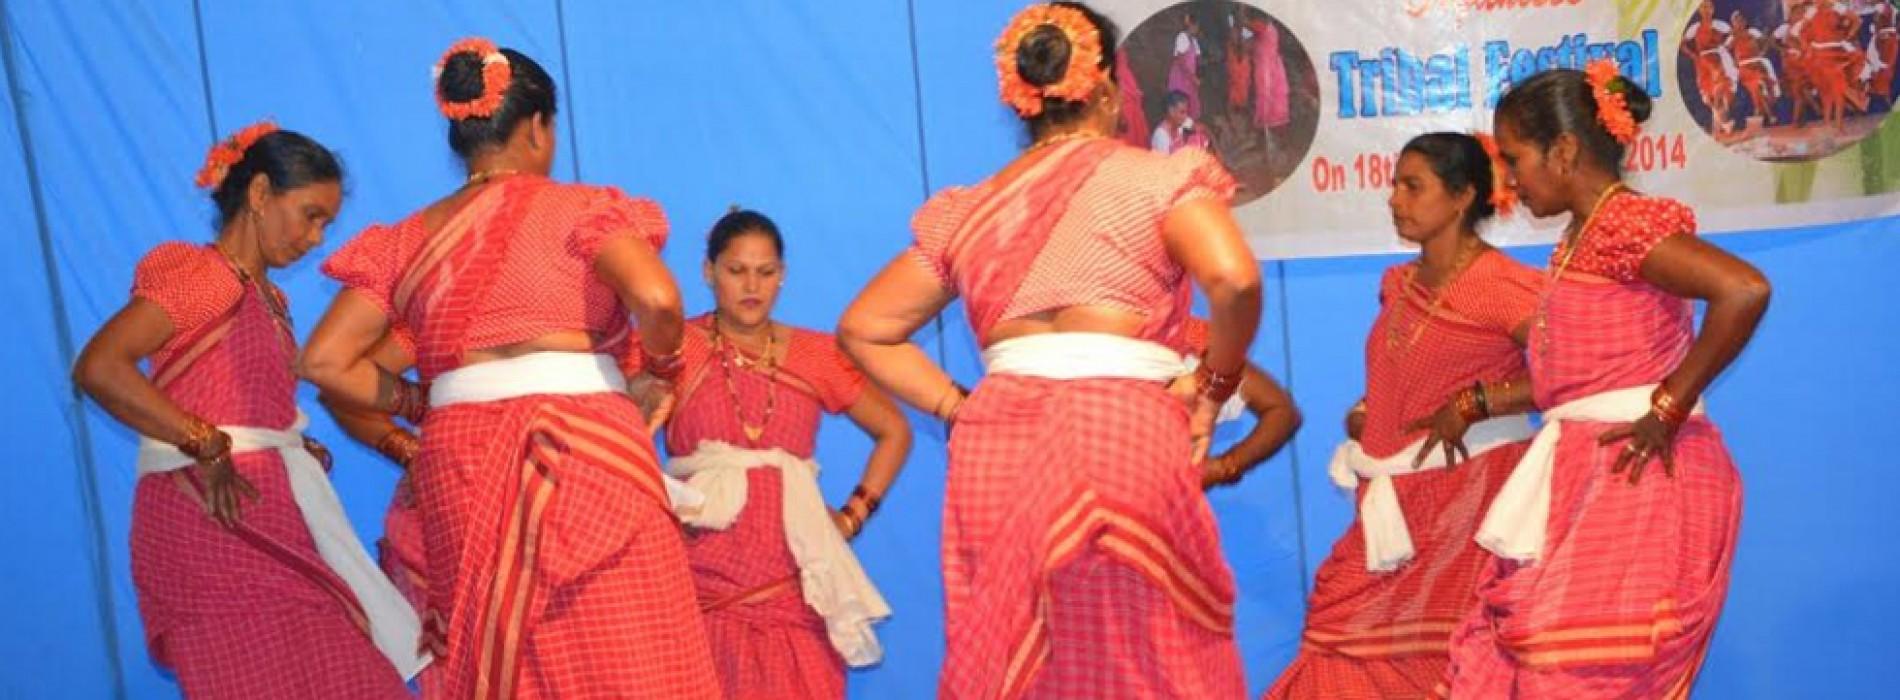 Two day Tribal Festival on January 7-8, 2017 at Xeldem – Goa